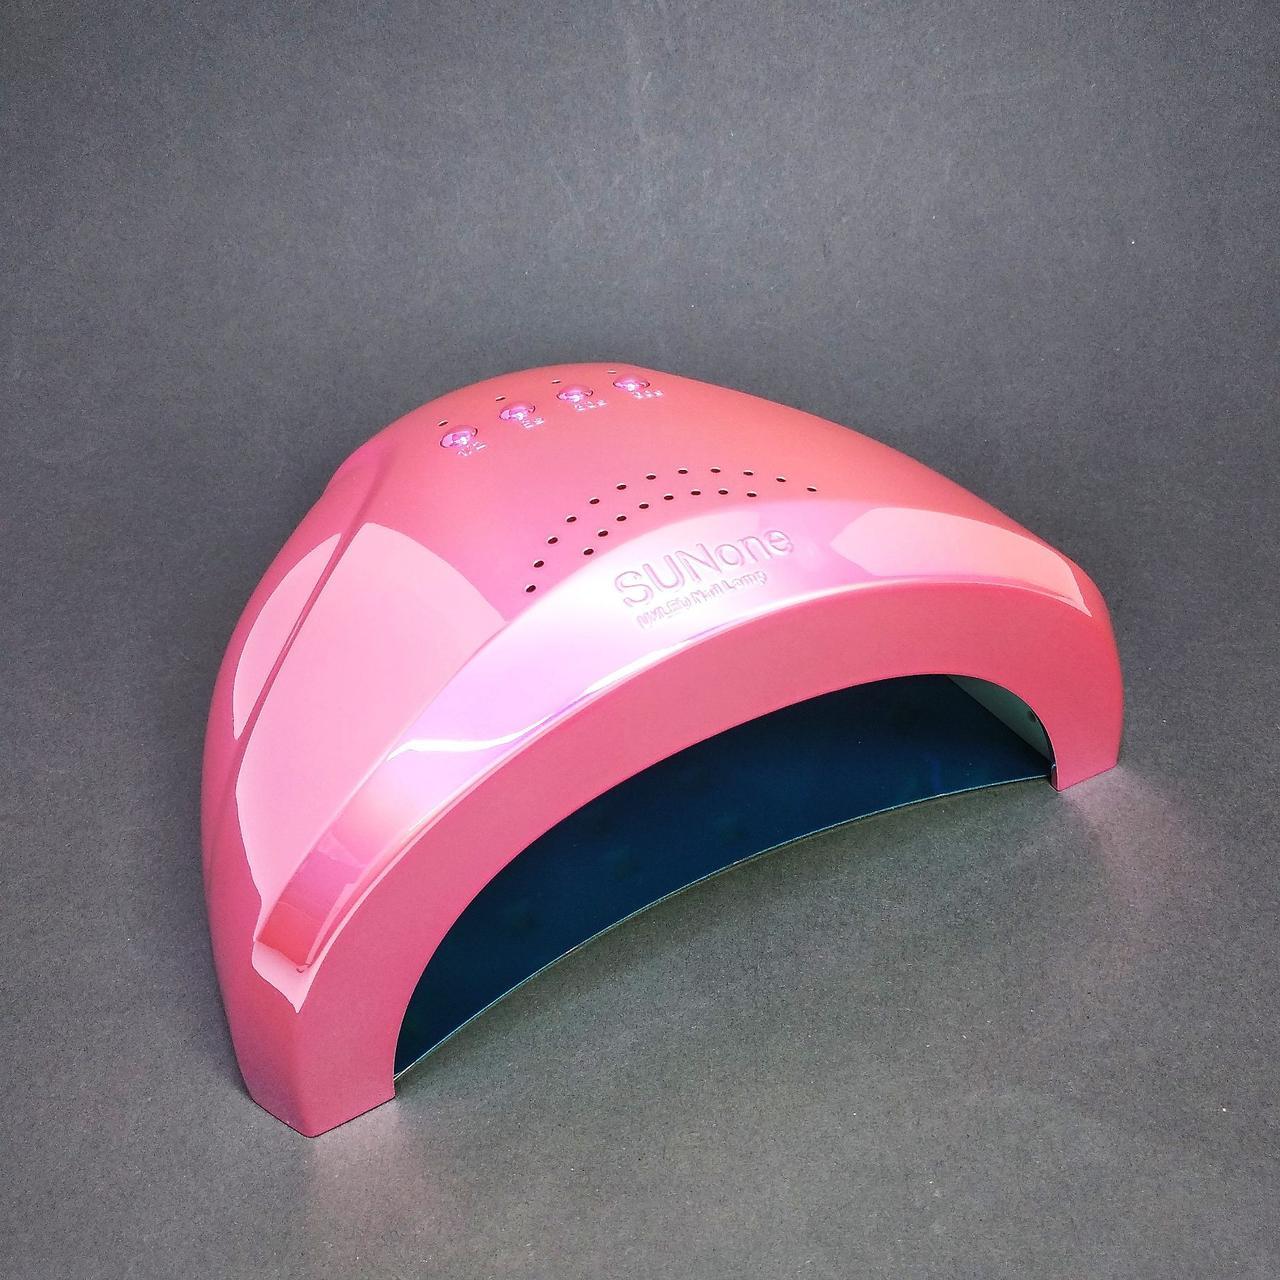 LED UV Лампа Sun One для маникюра 48вт, розовая голограмма